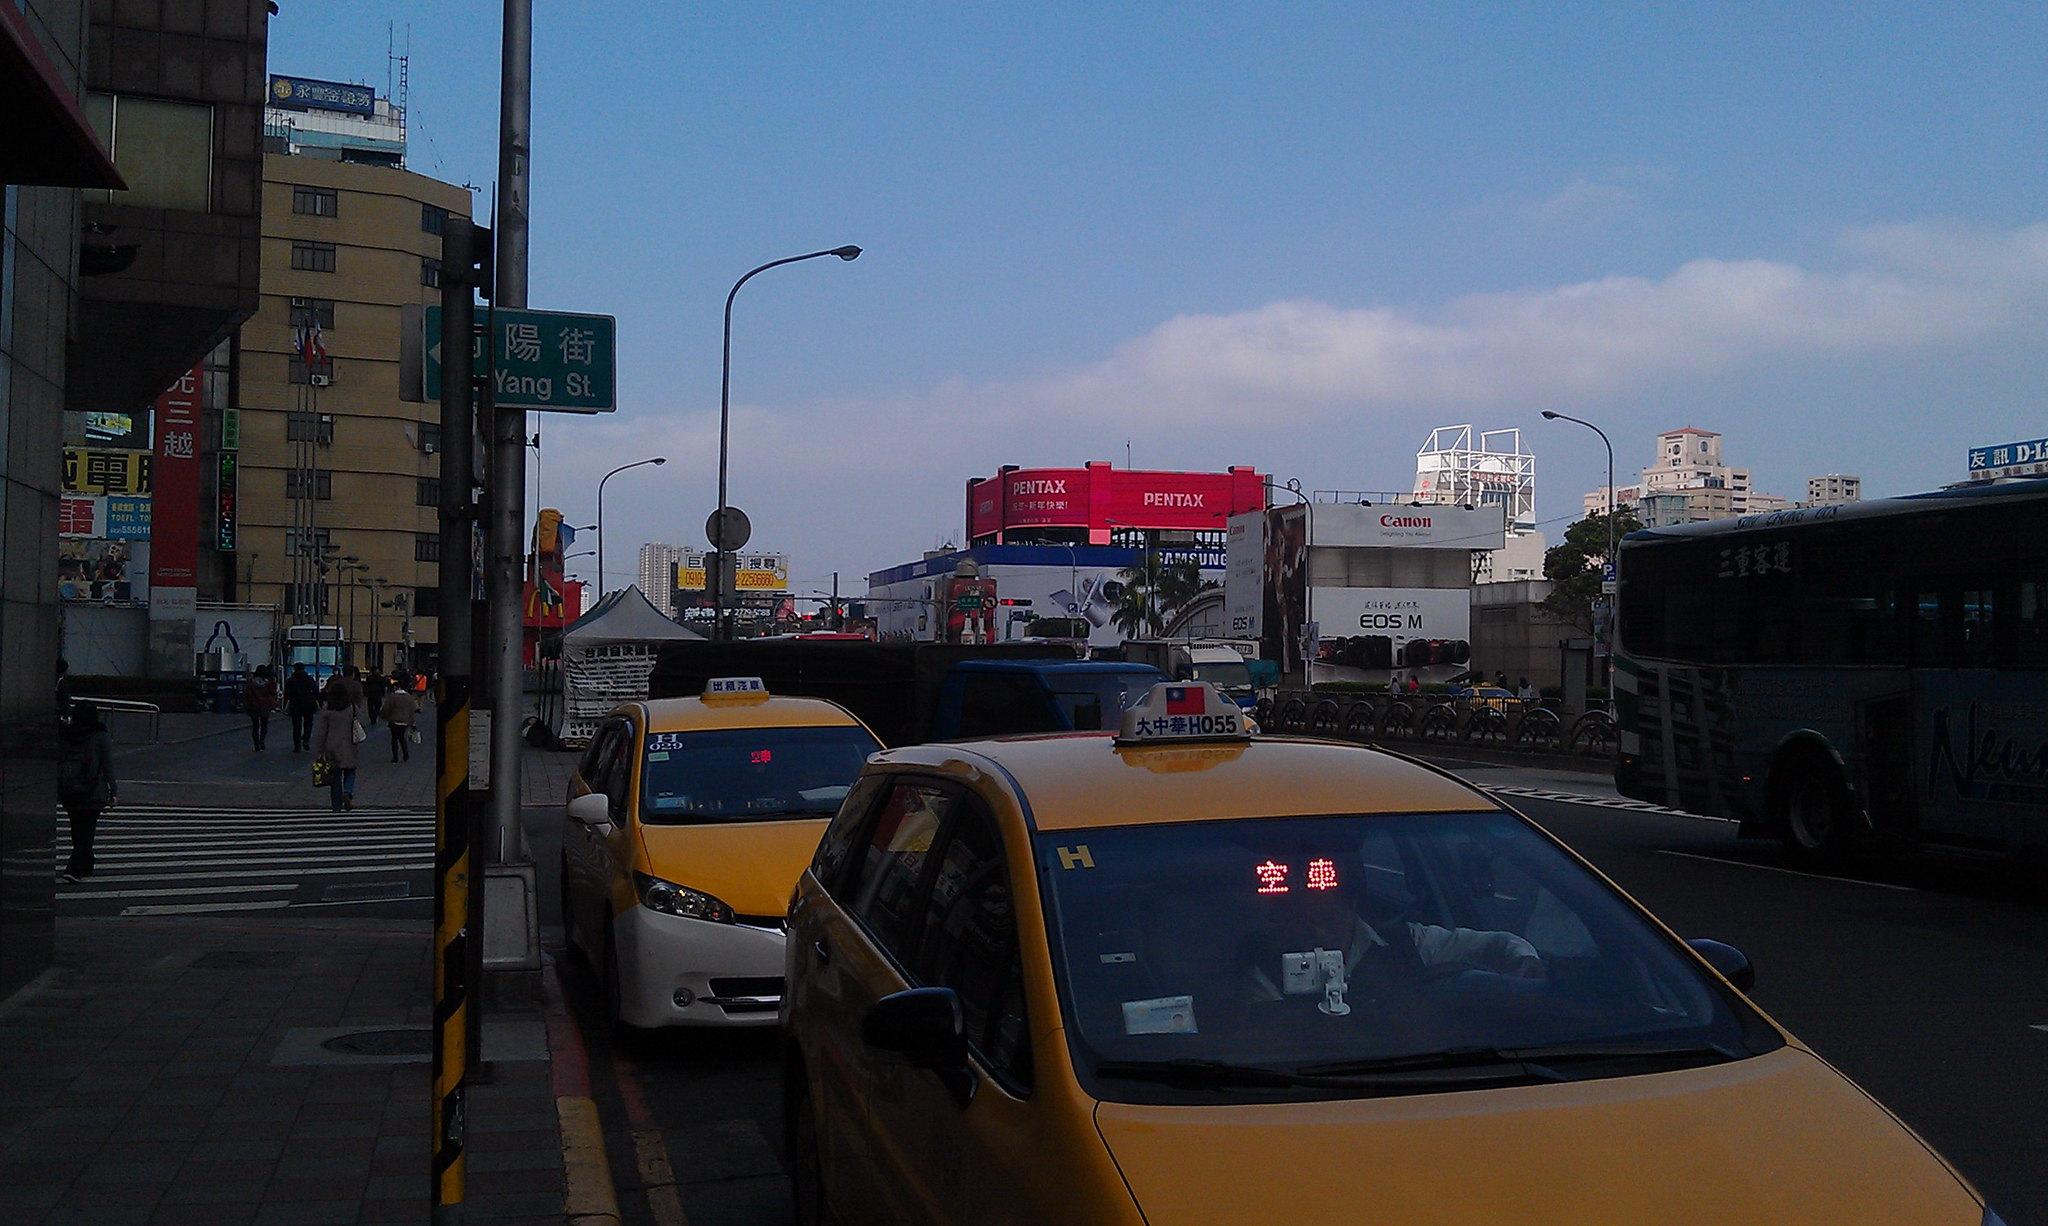 【驚鴻一瞥】台北車站前的PENTAX大型廣告 (增加照片)